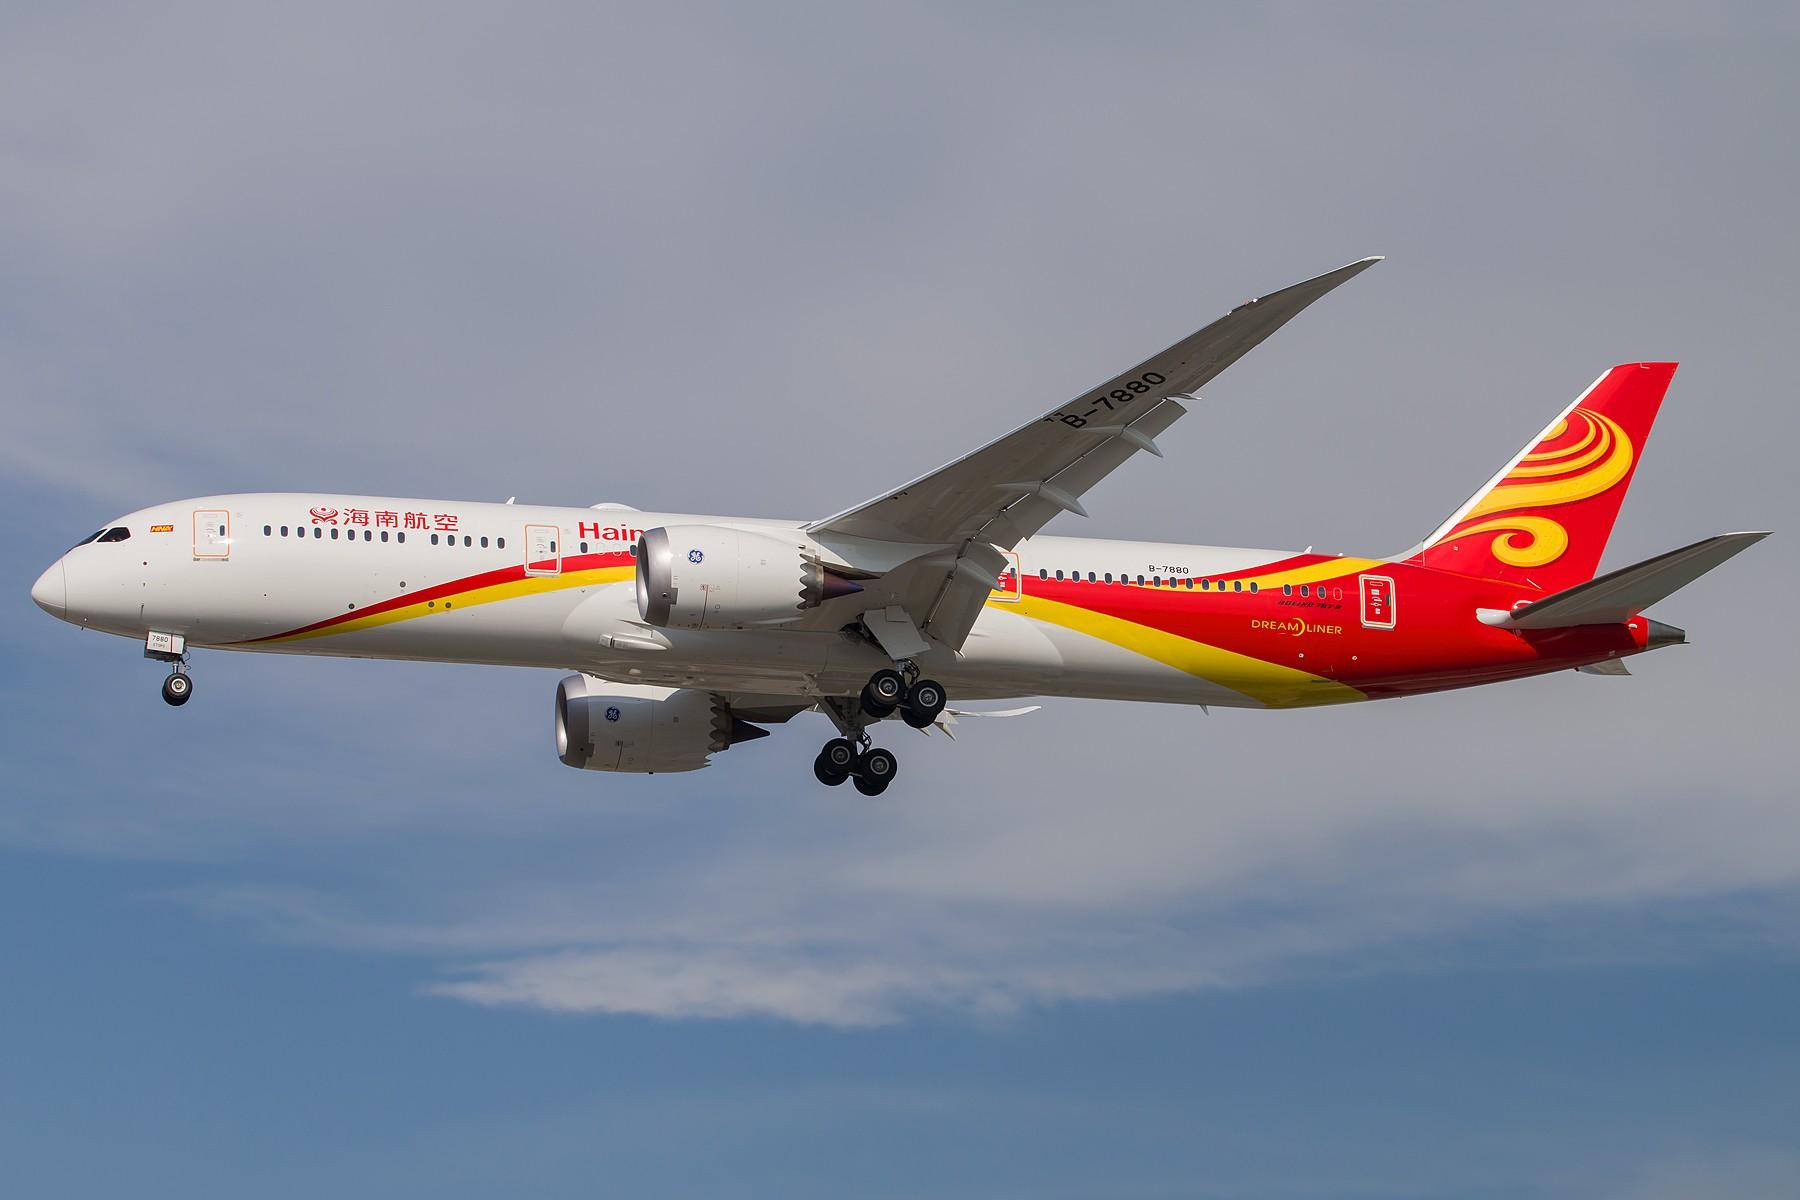 Re:[原创]海南航空首架B787-9 Dreamliner B-7880 三连拍 1800*1200 BOEING 787-9 B-7880 中国北京首都国际机场